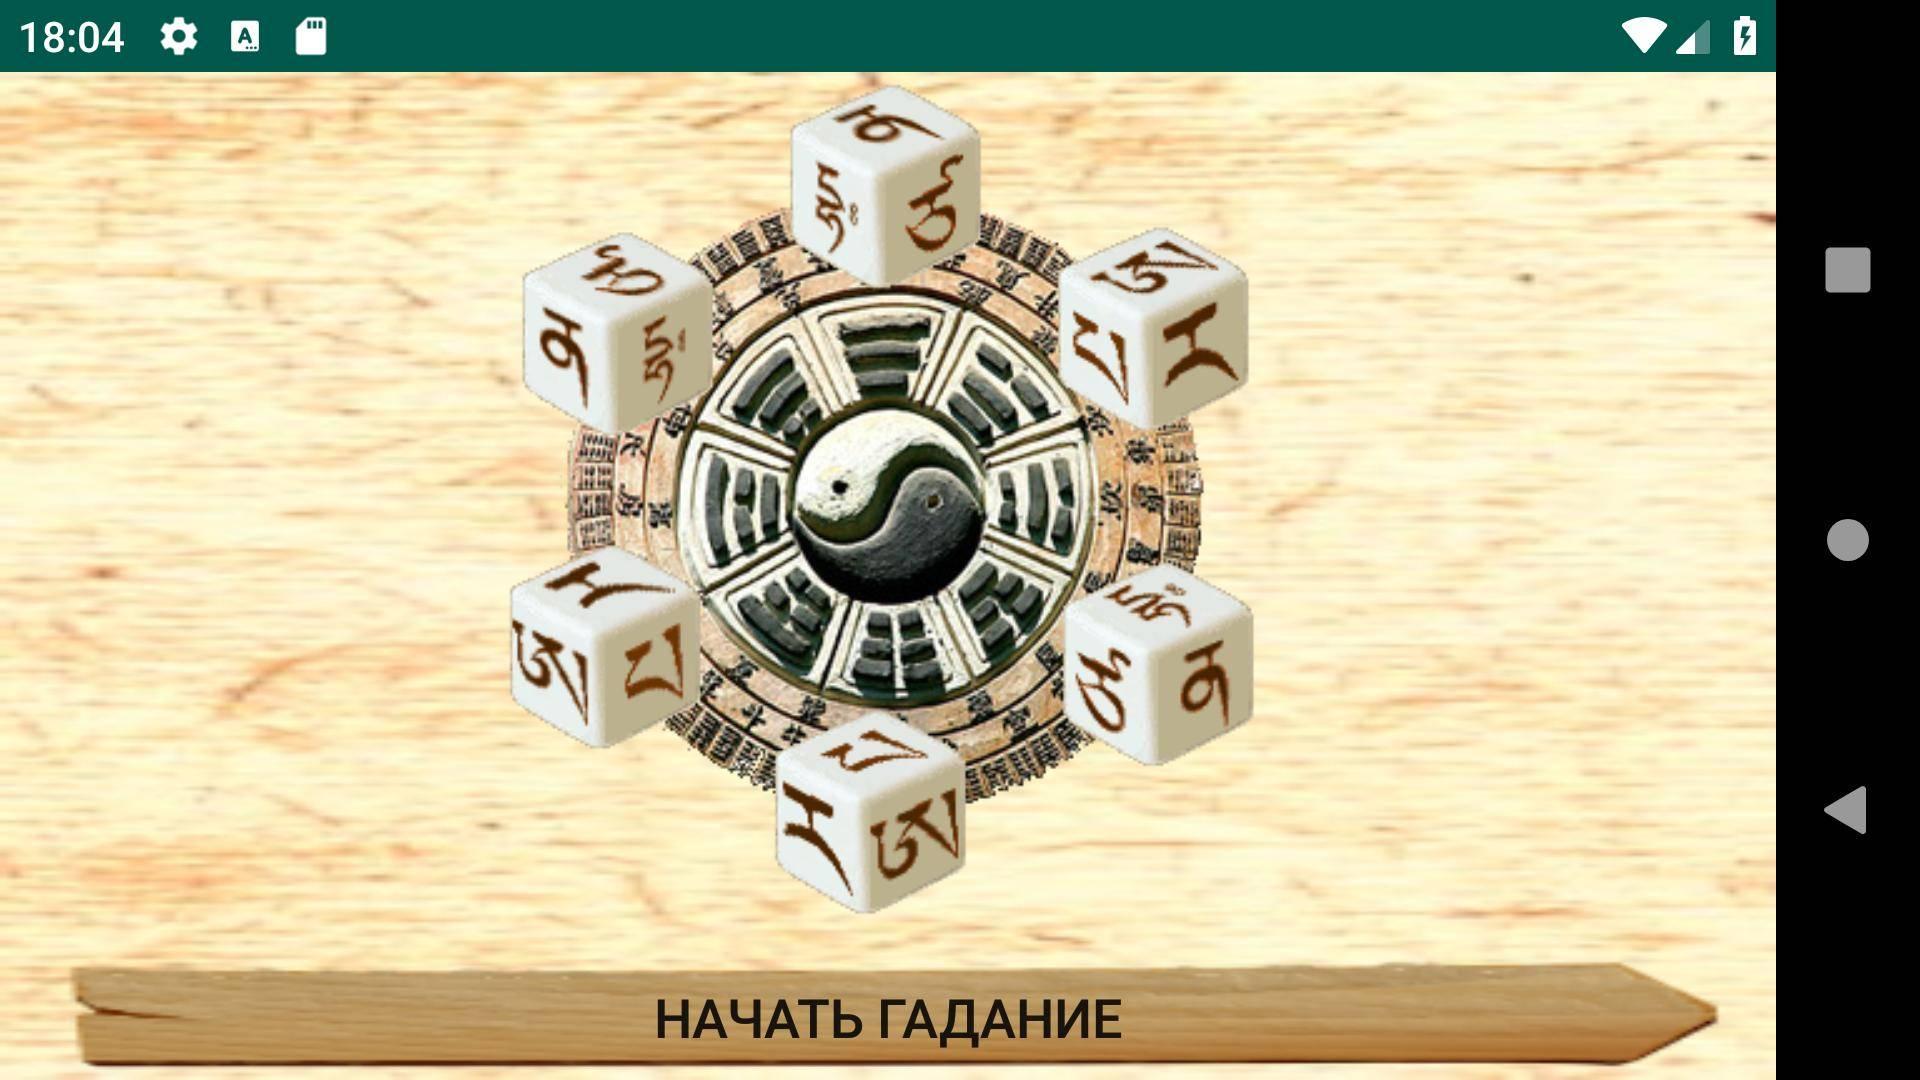 Magiaсhisel.ru: тибетское гадание «мо» на игральных костях онлайн.